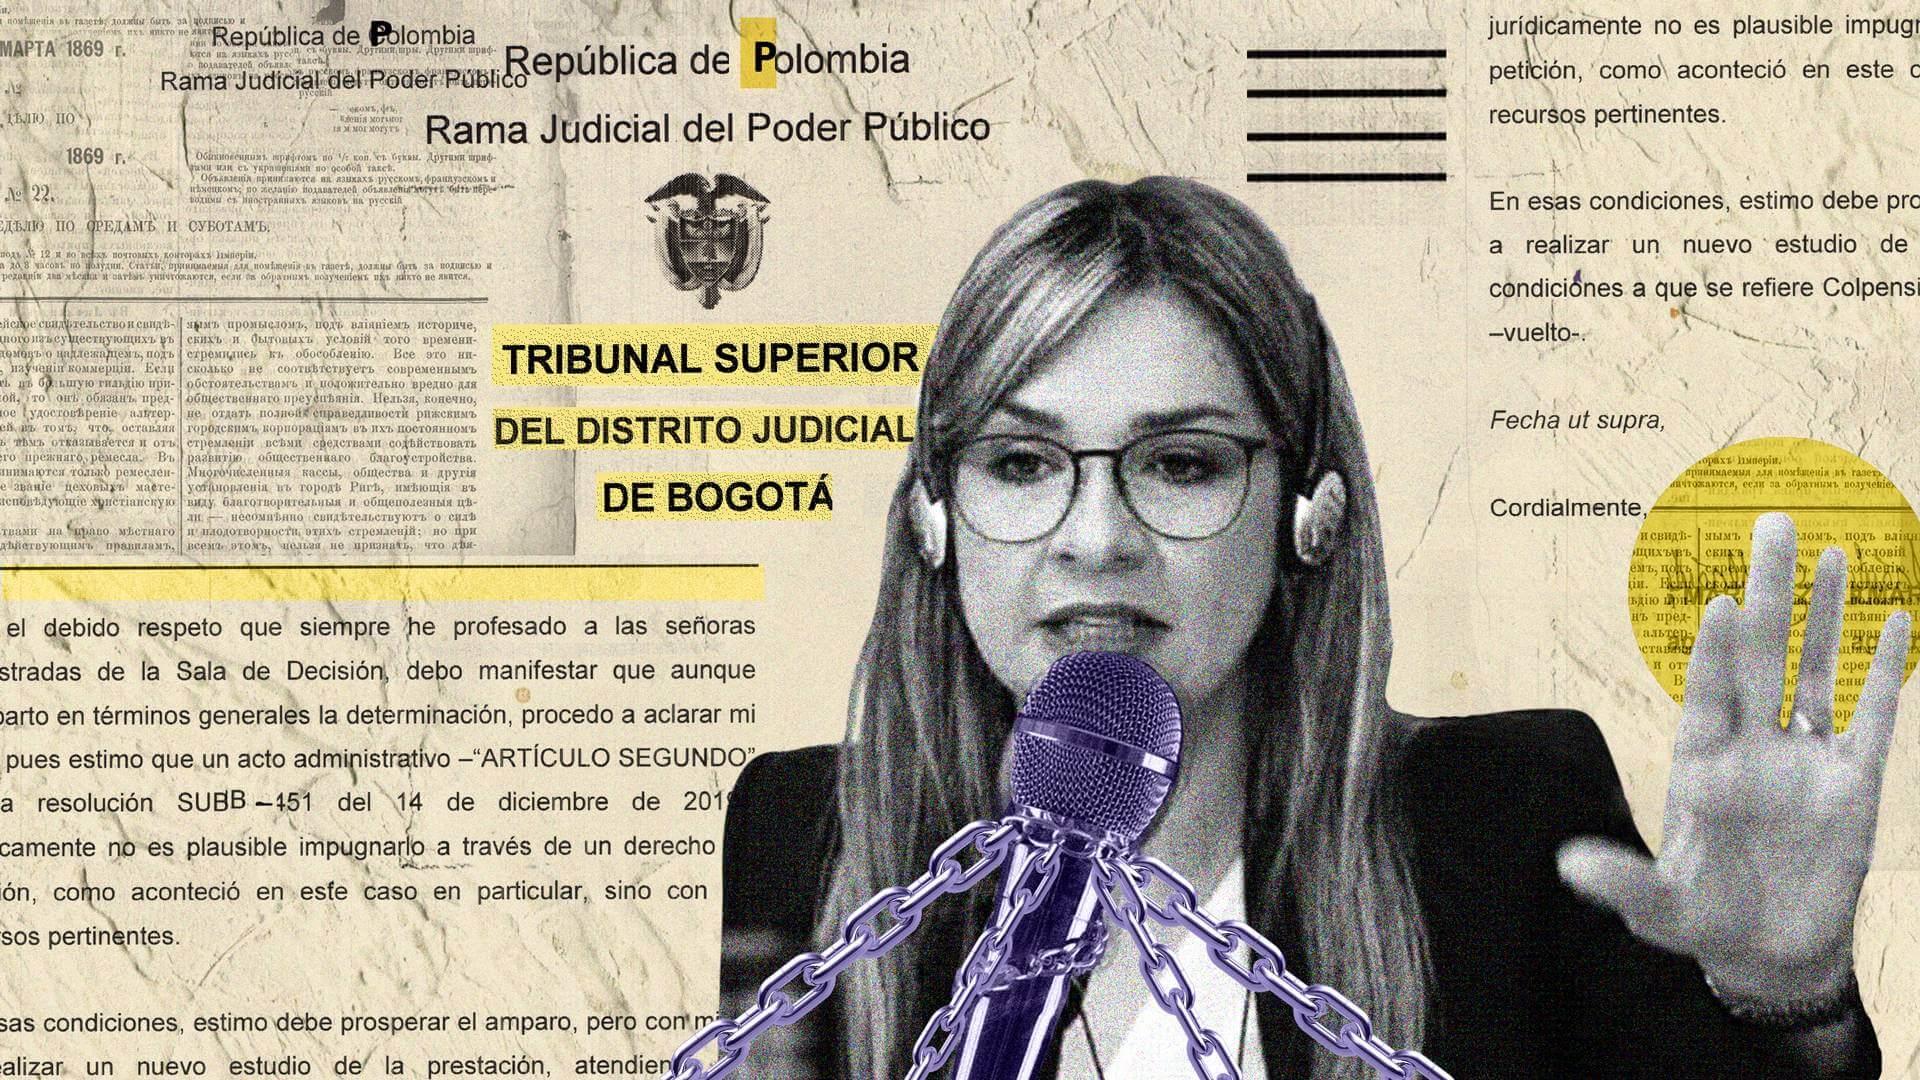 Vicky Dávila y el imperio de los jueces